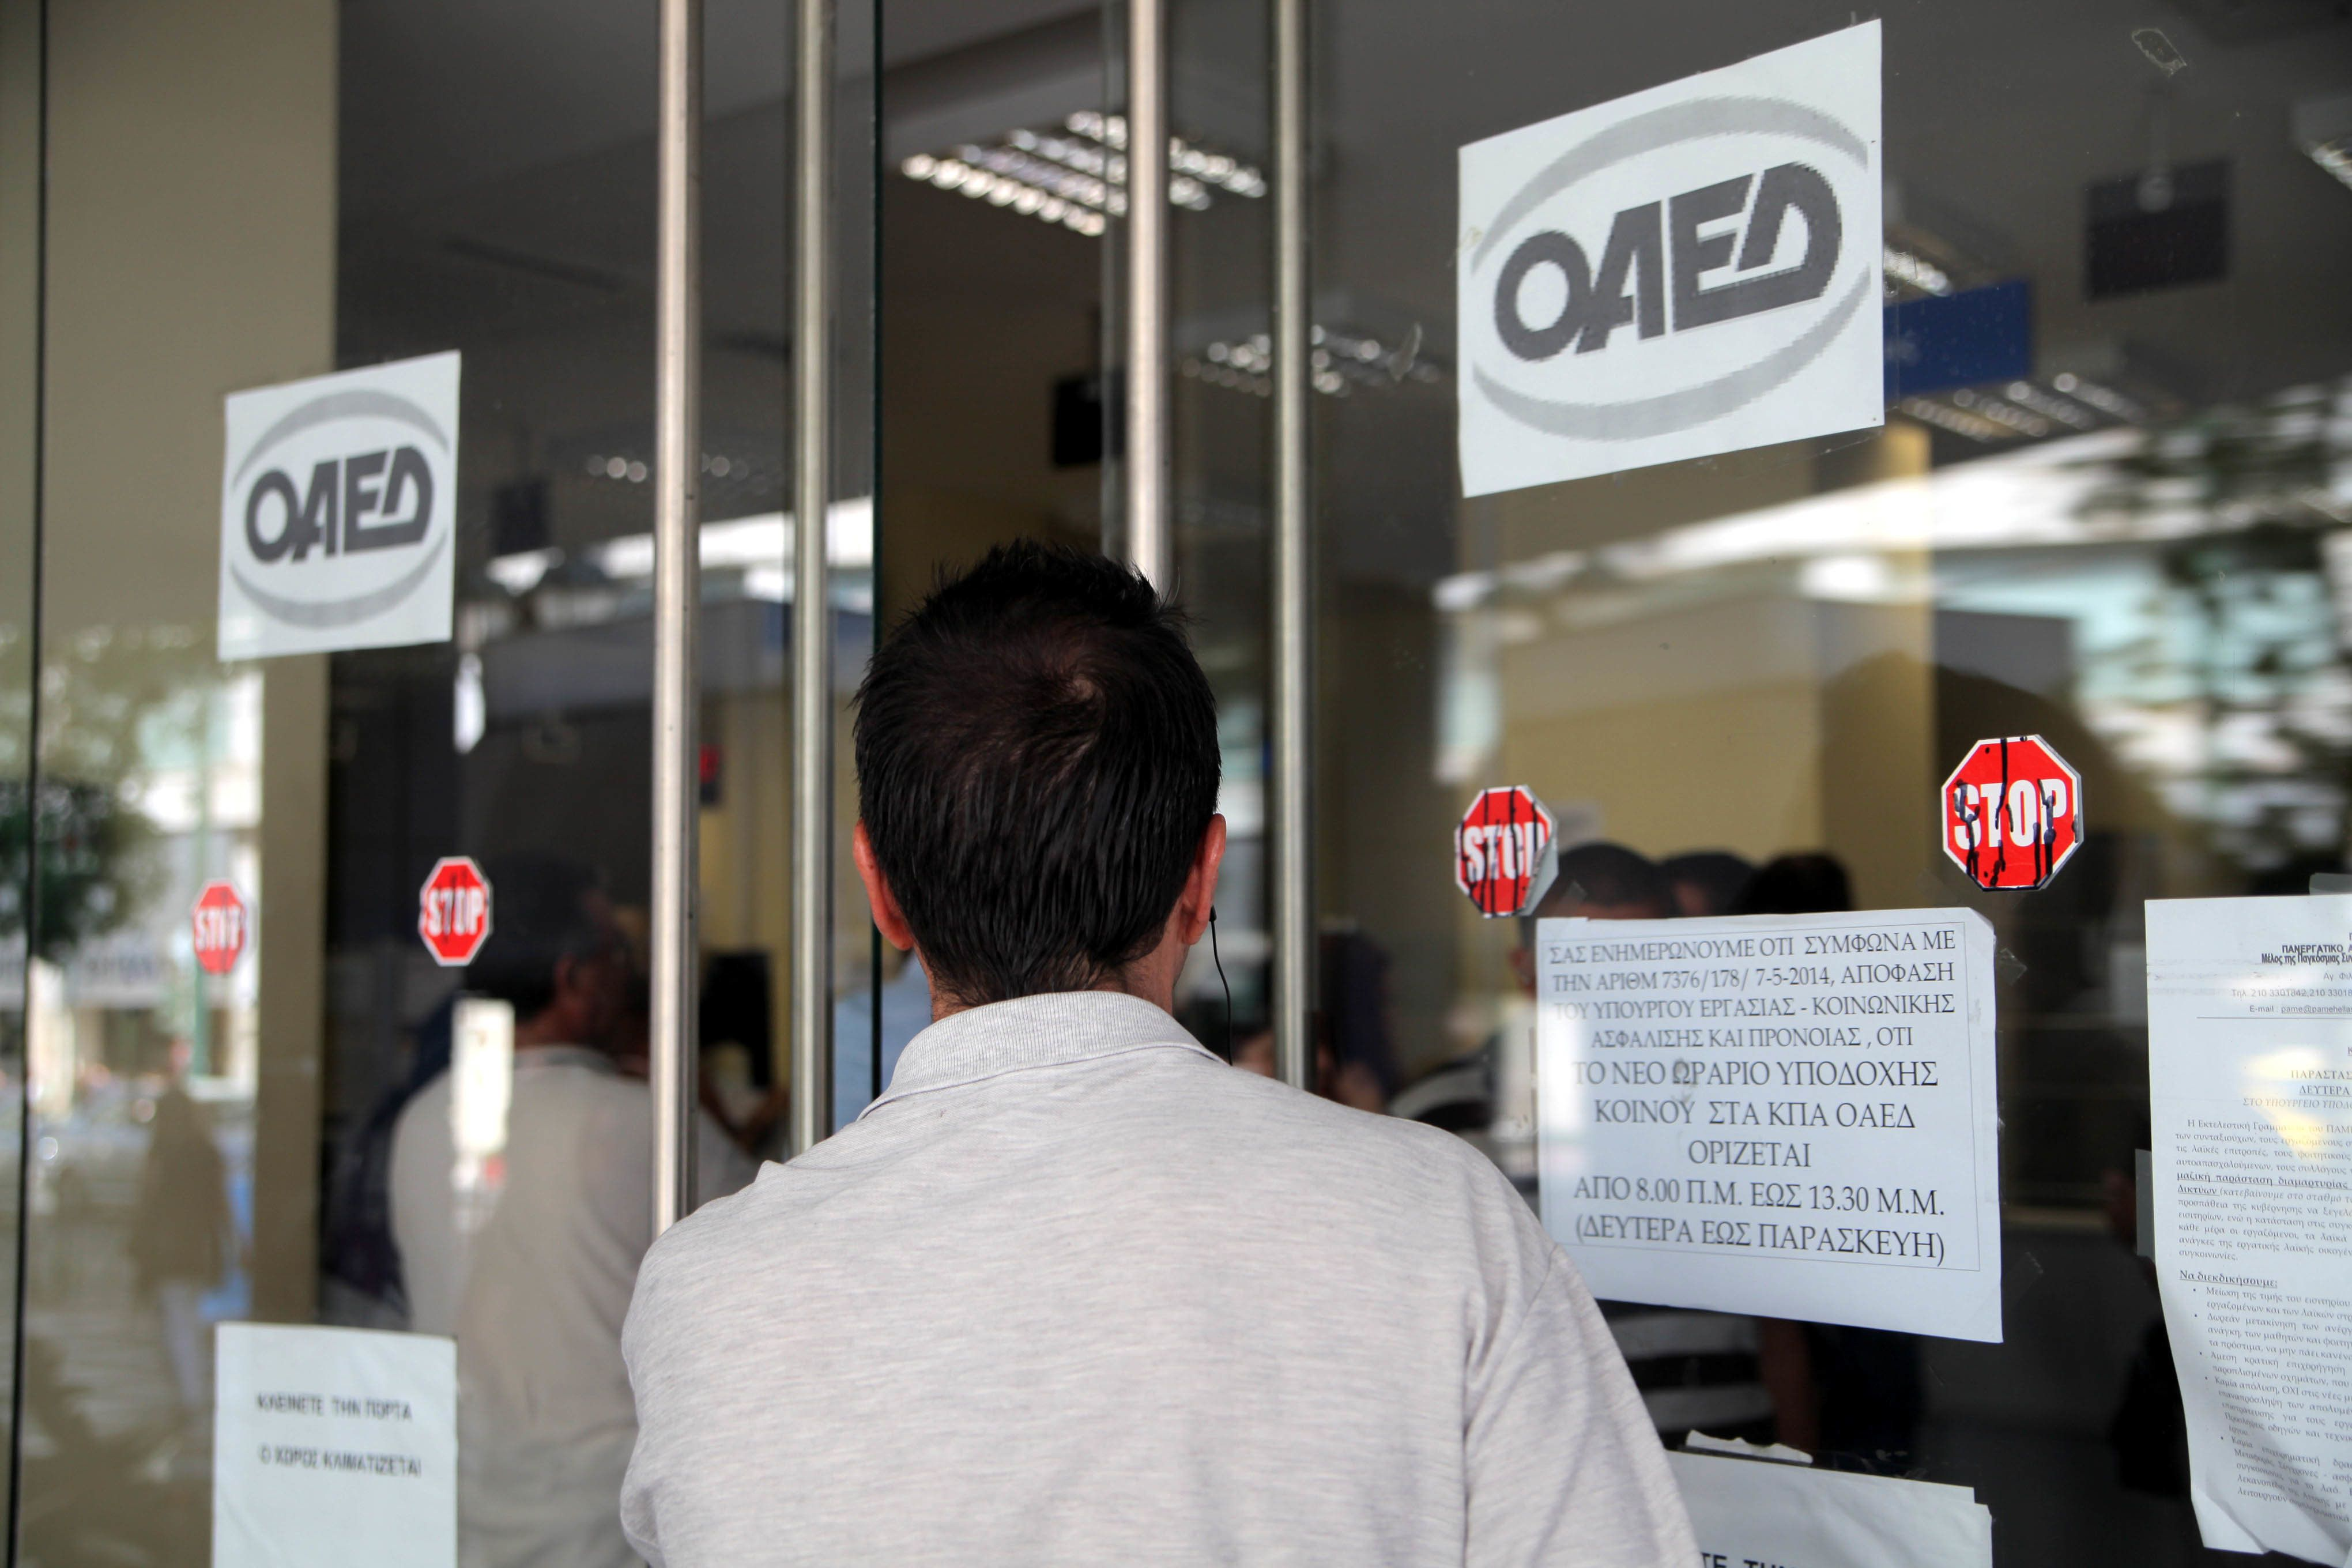 Οι όροι για τη χορήγηση του επιδόματος των 400 ευρώ στους άνεργους